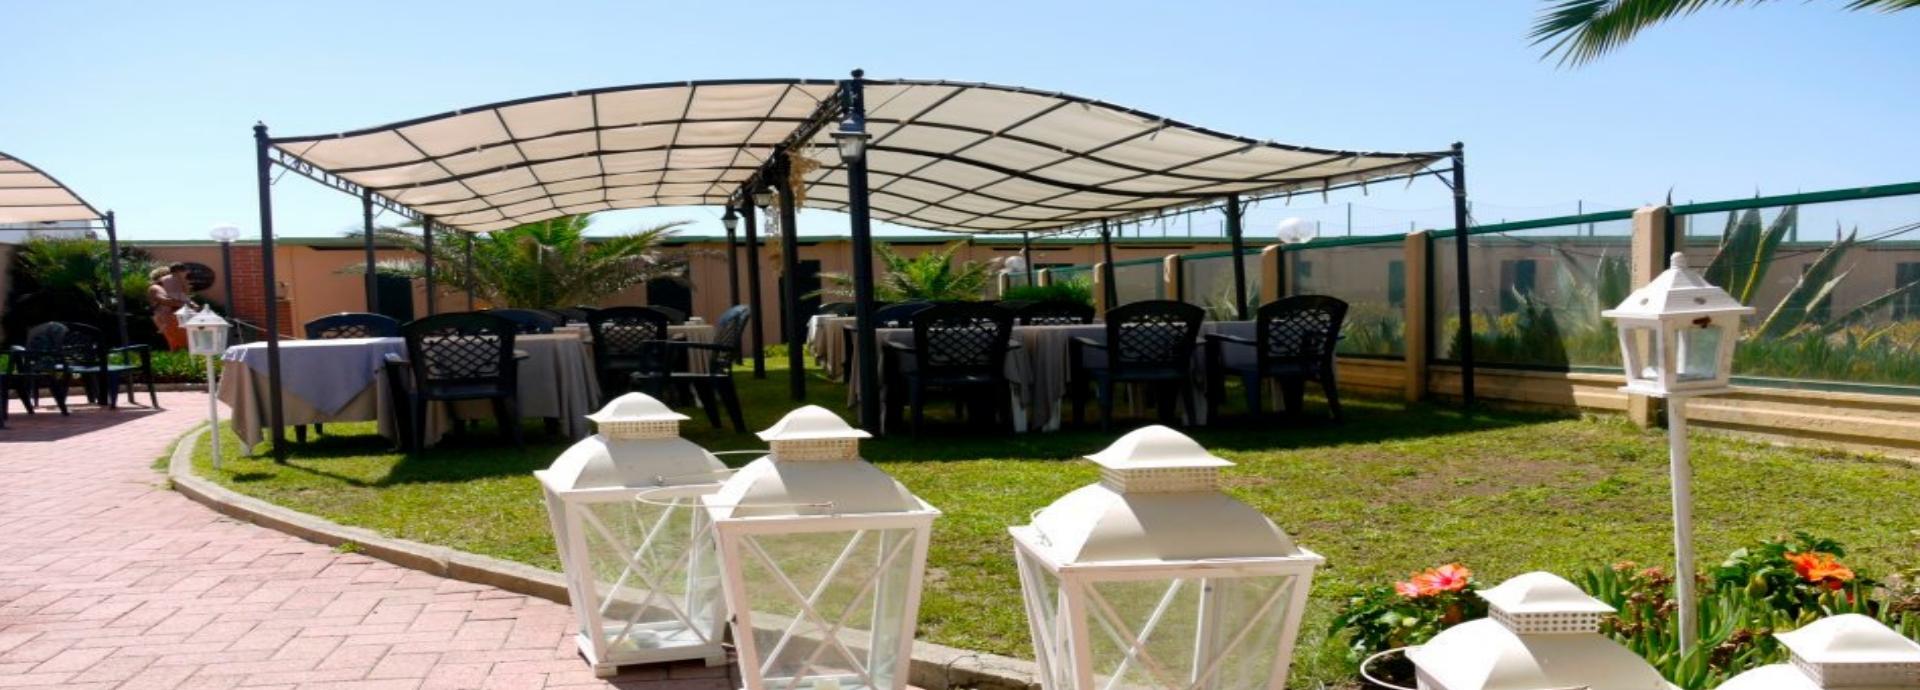 ristorante_cabina31_Piazzetta